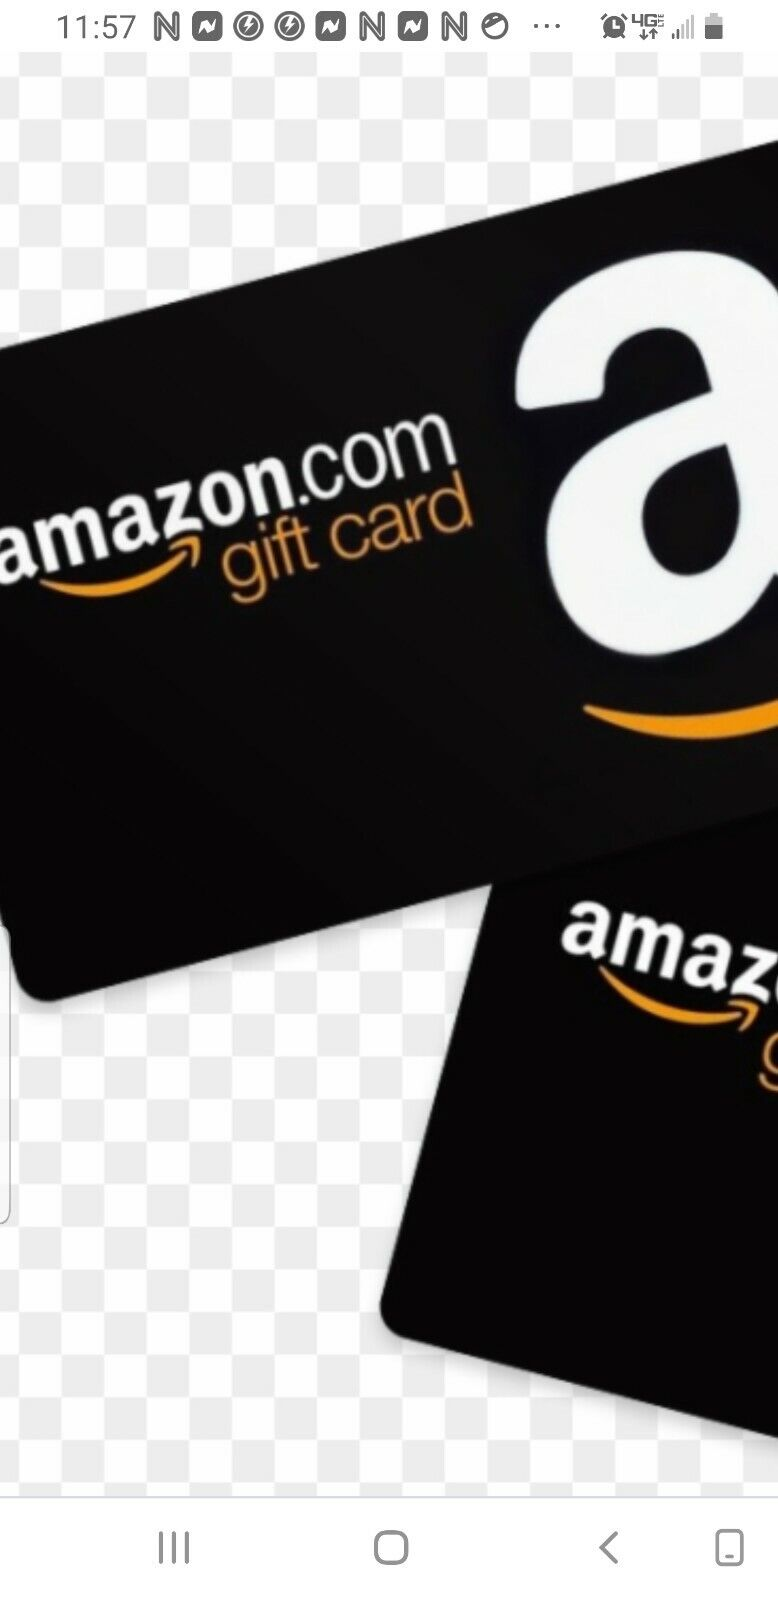 2.00 AMAZON GIFT CARD  - $1.81